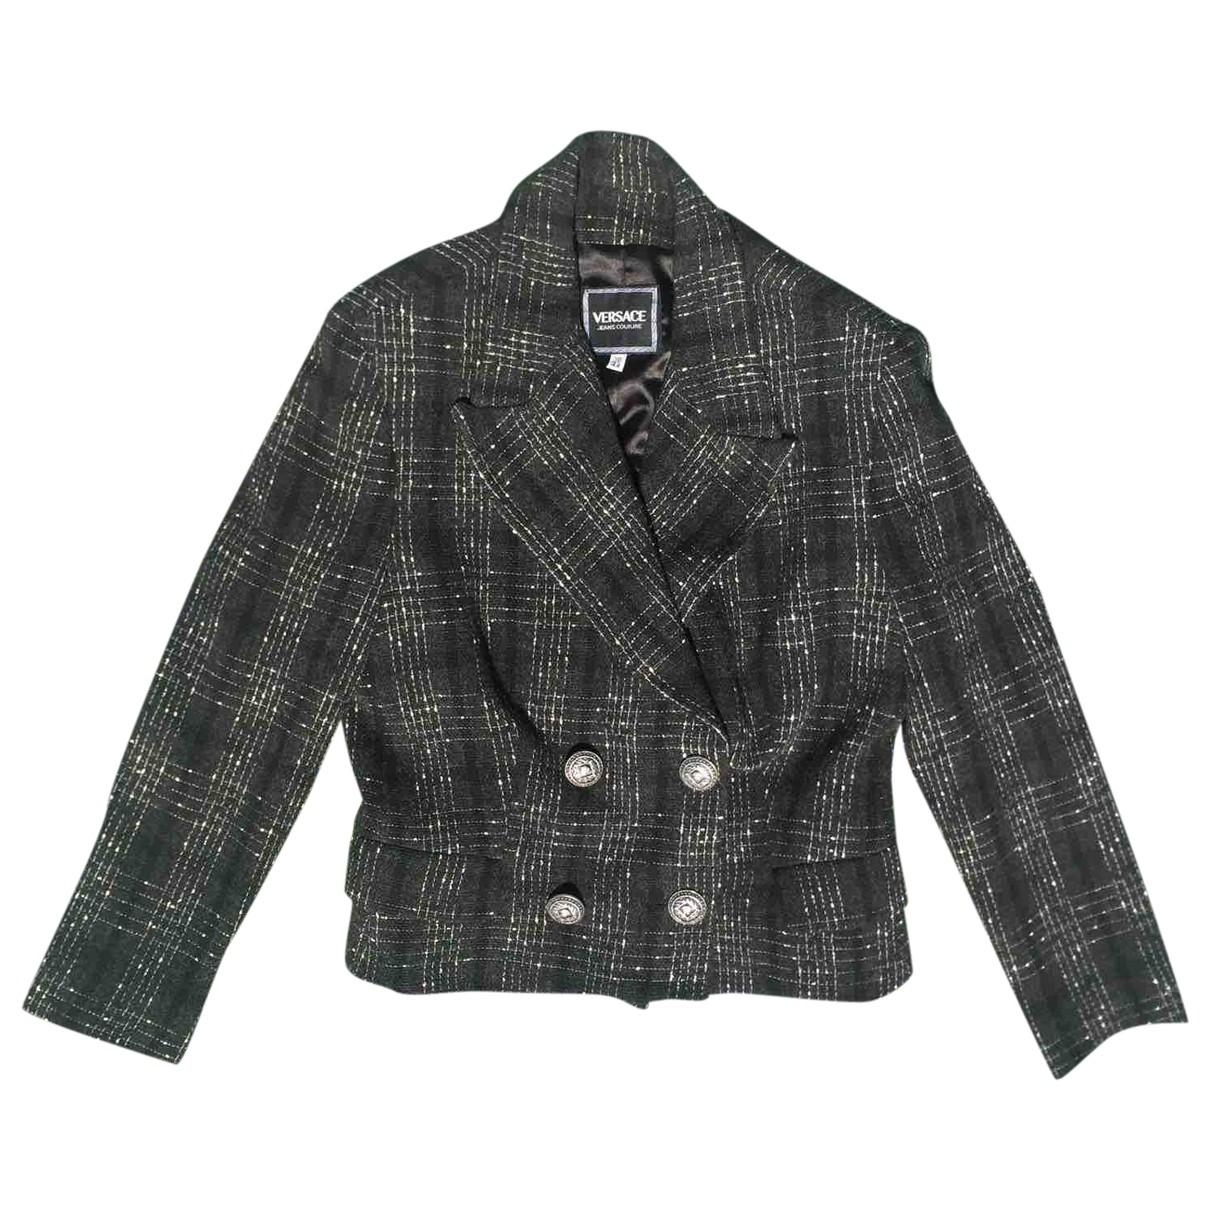 Versace Jeans \N Jacke in  Grau Wolle